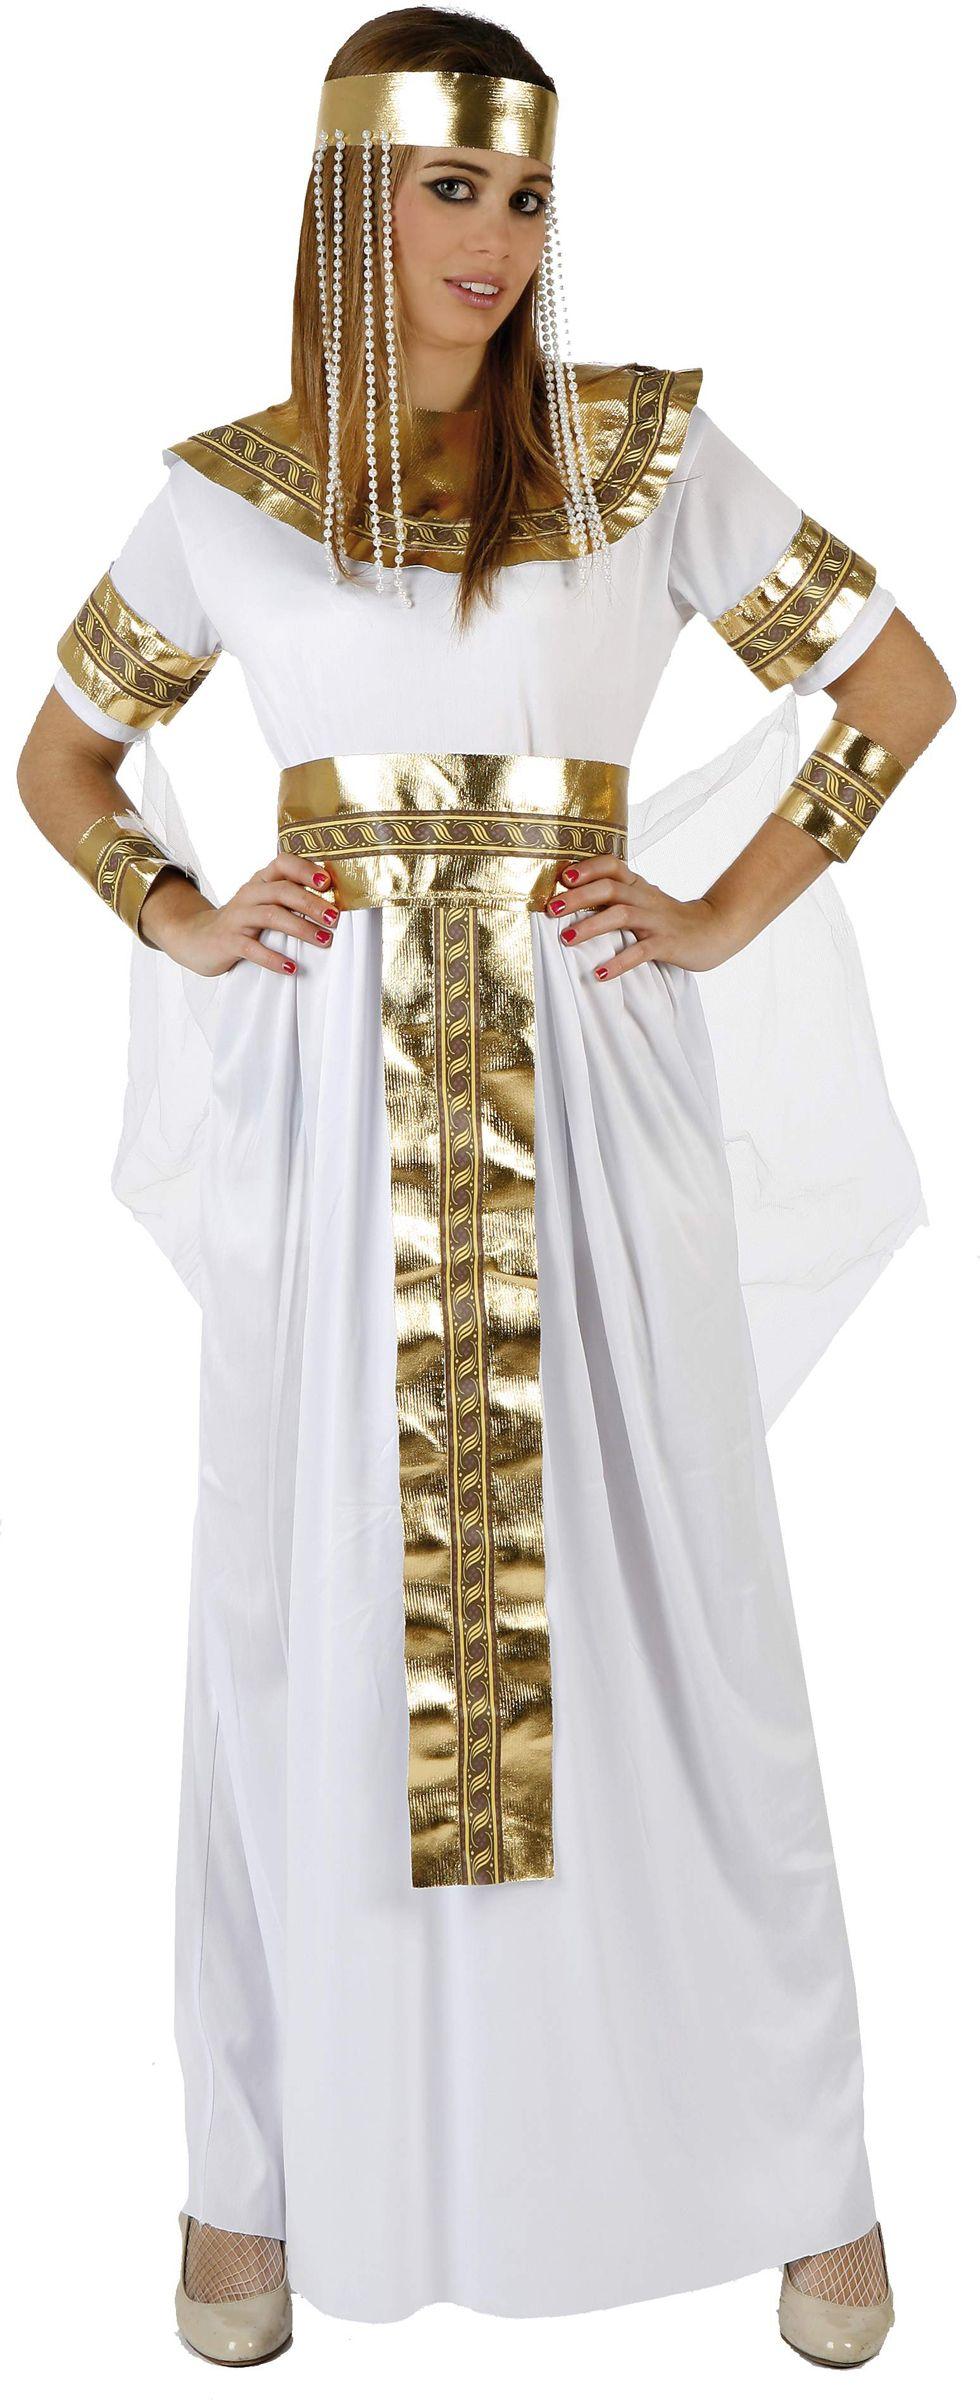 déguisement reine Égypte femme biblia costumes cleopatra